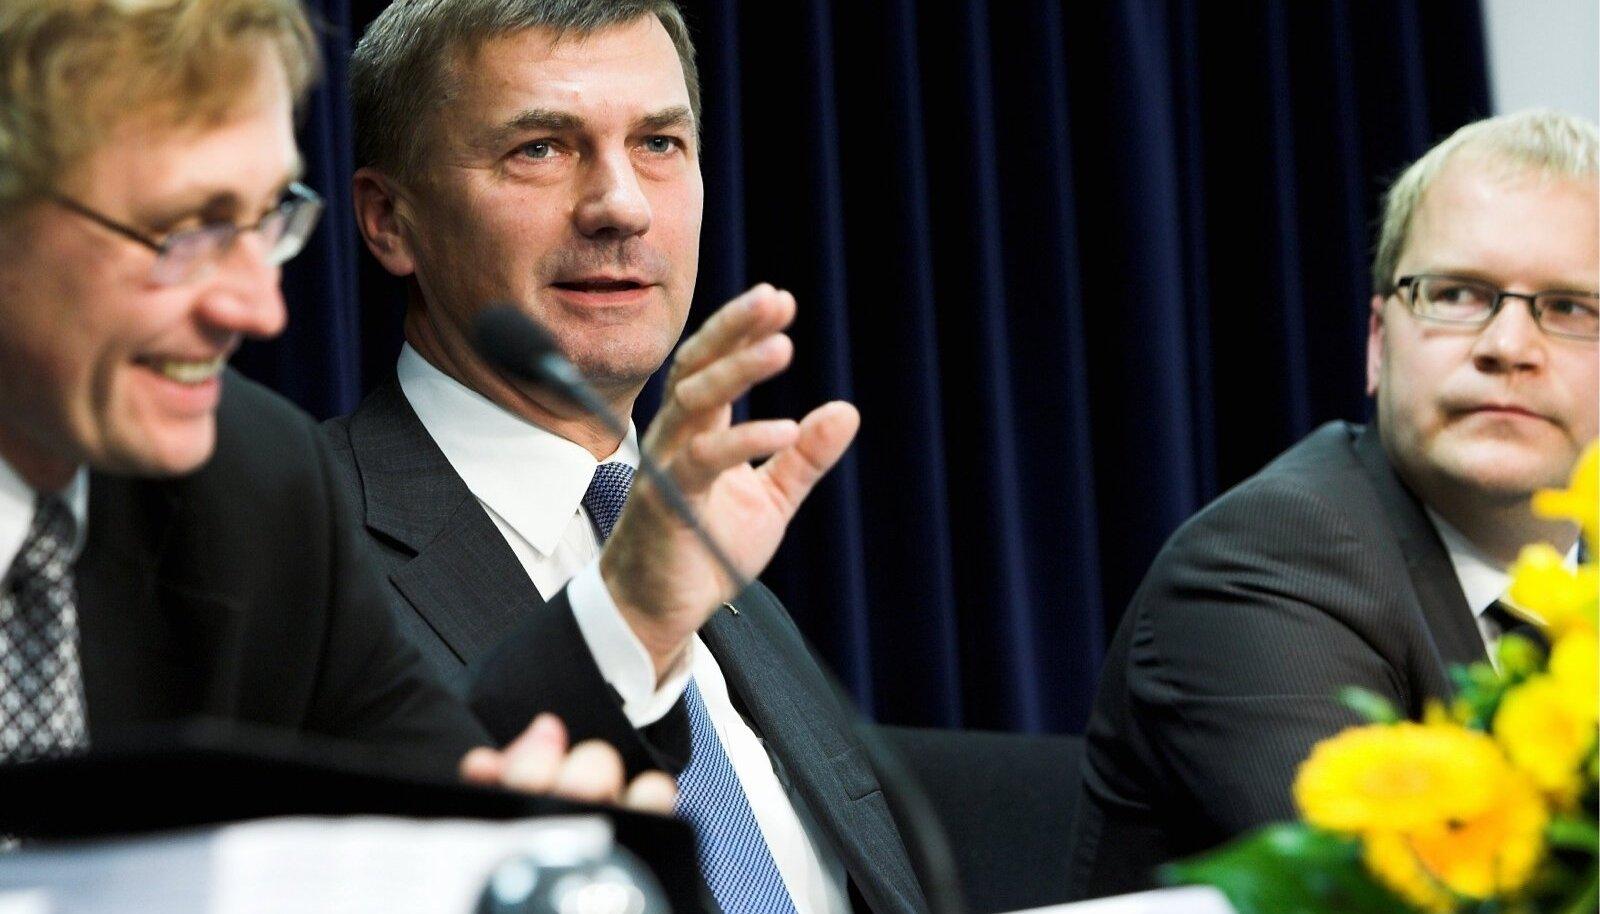 Лукас, Ансип, Паэт. Пресс-конференция правительства. 2007 год